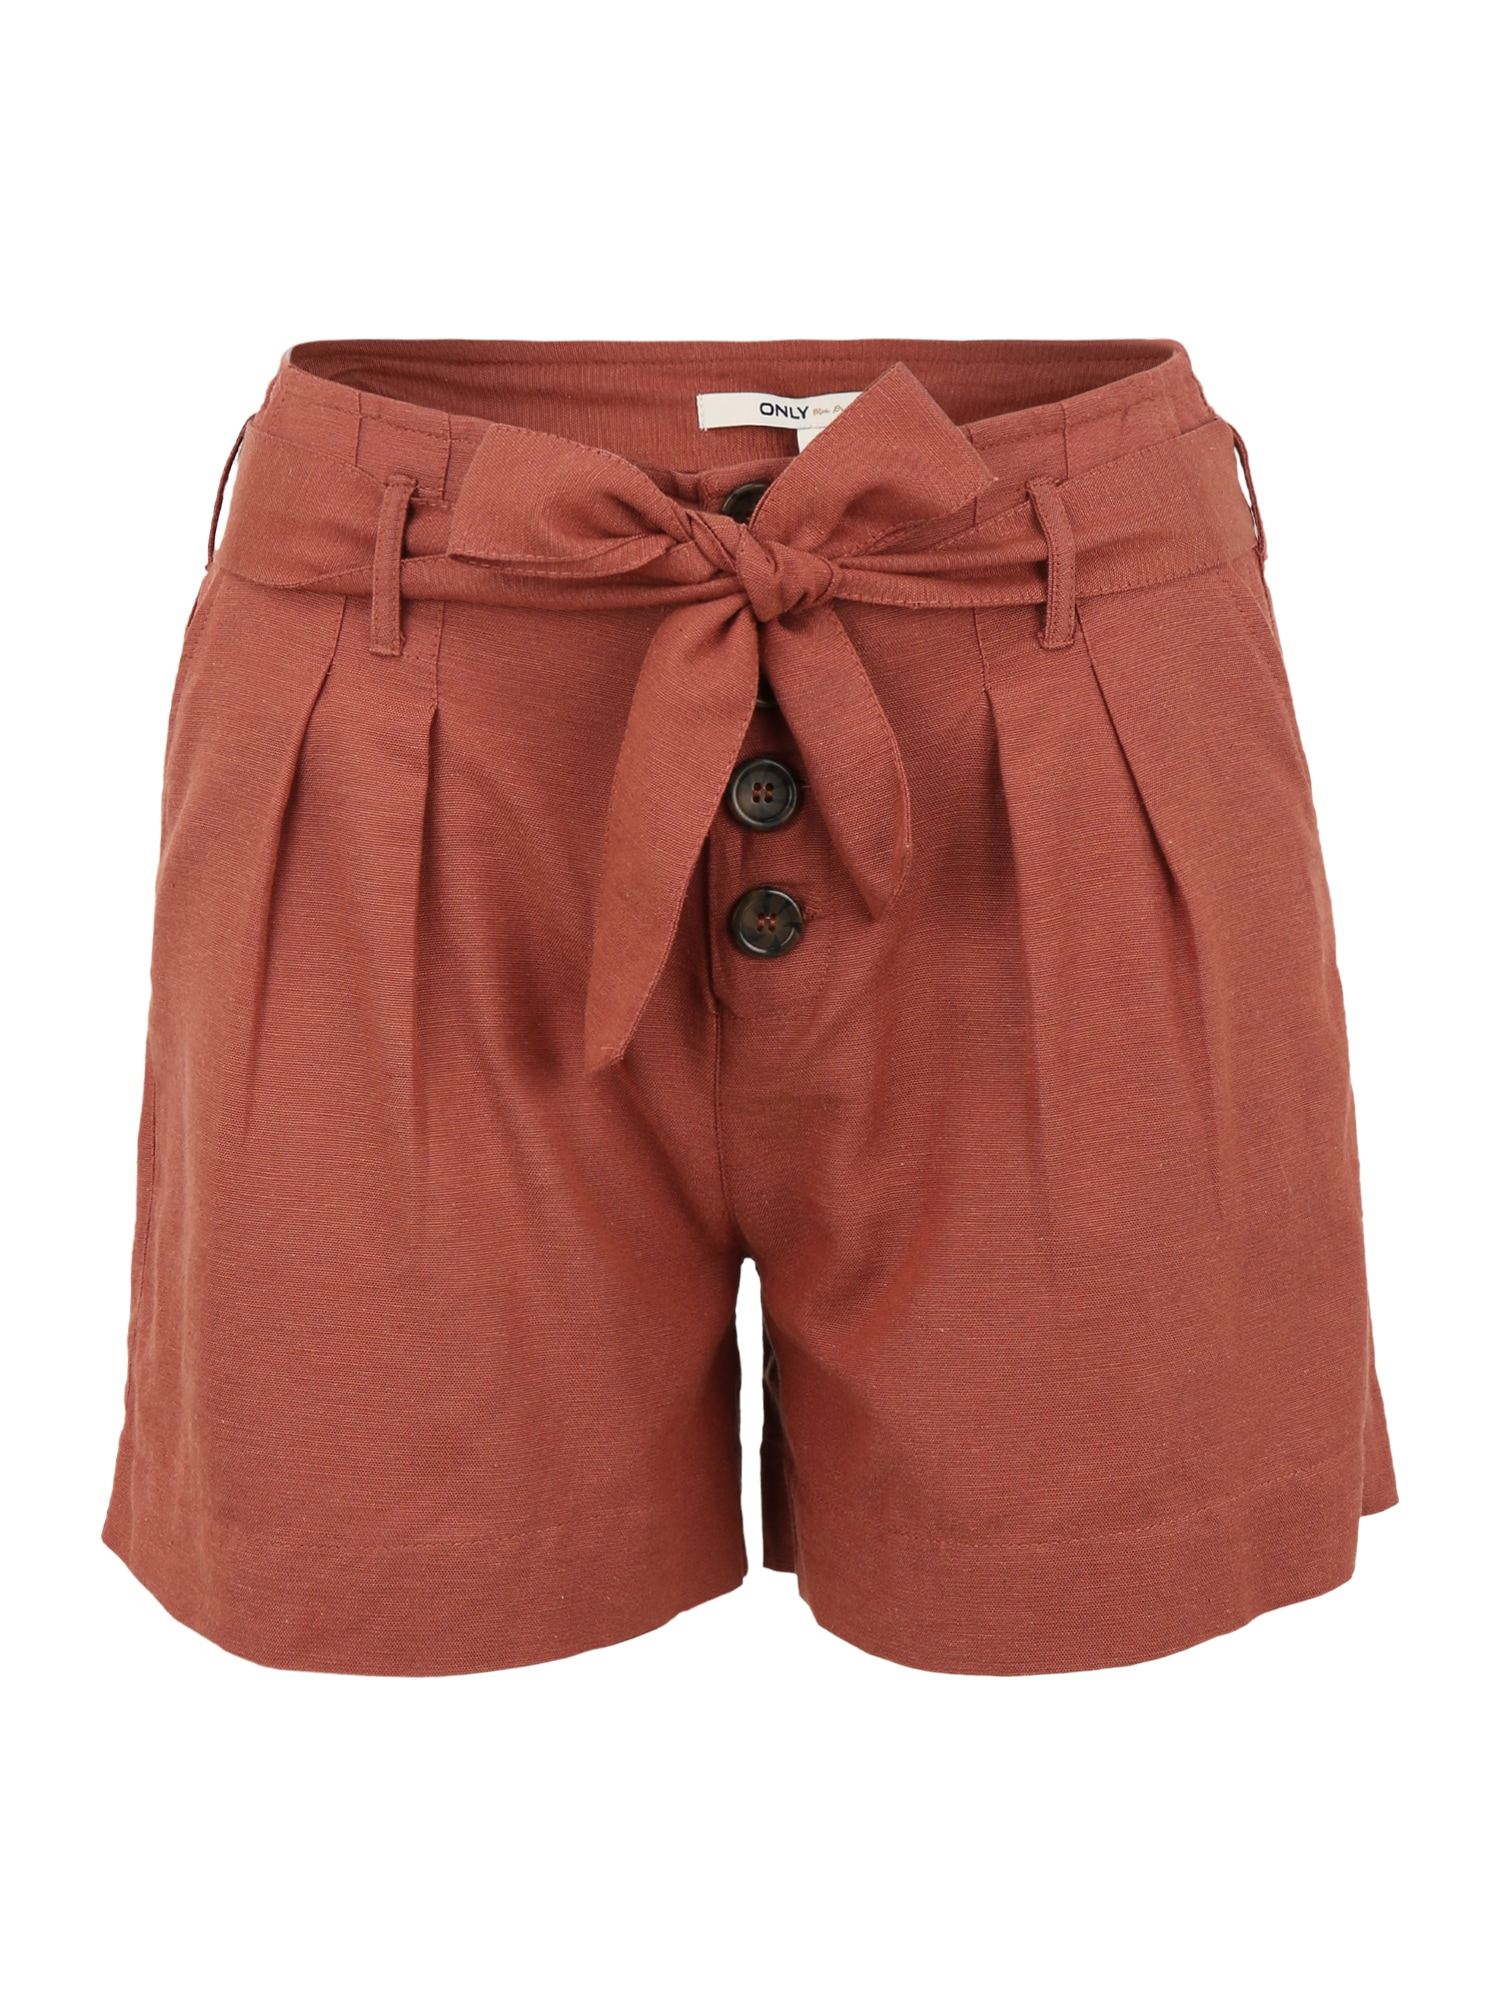 Only (Petite) Klostuotos kelnės